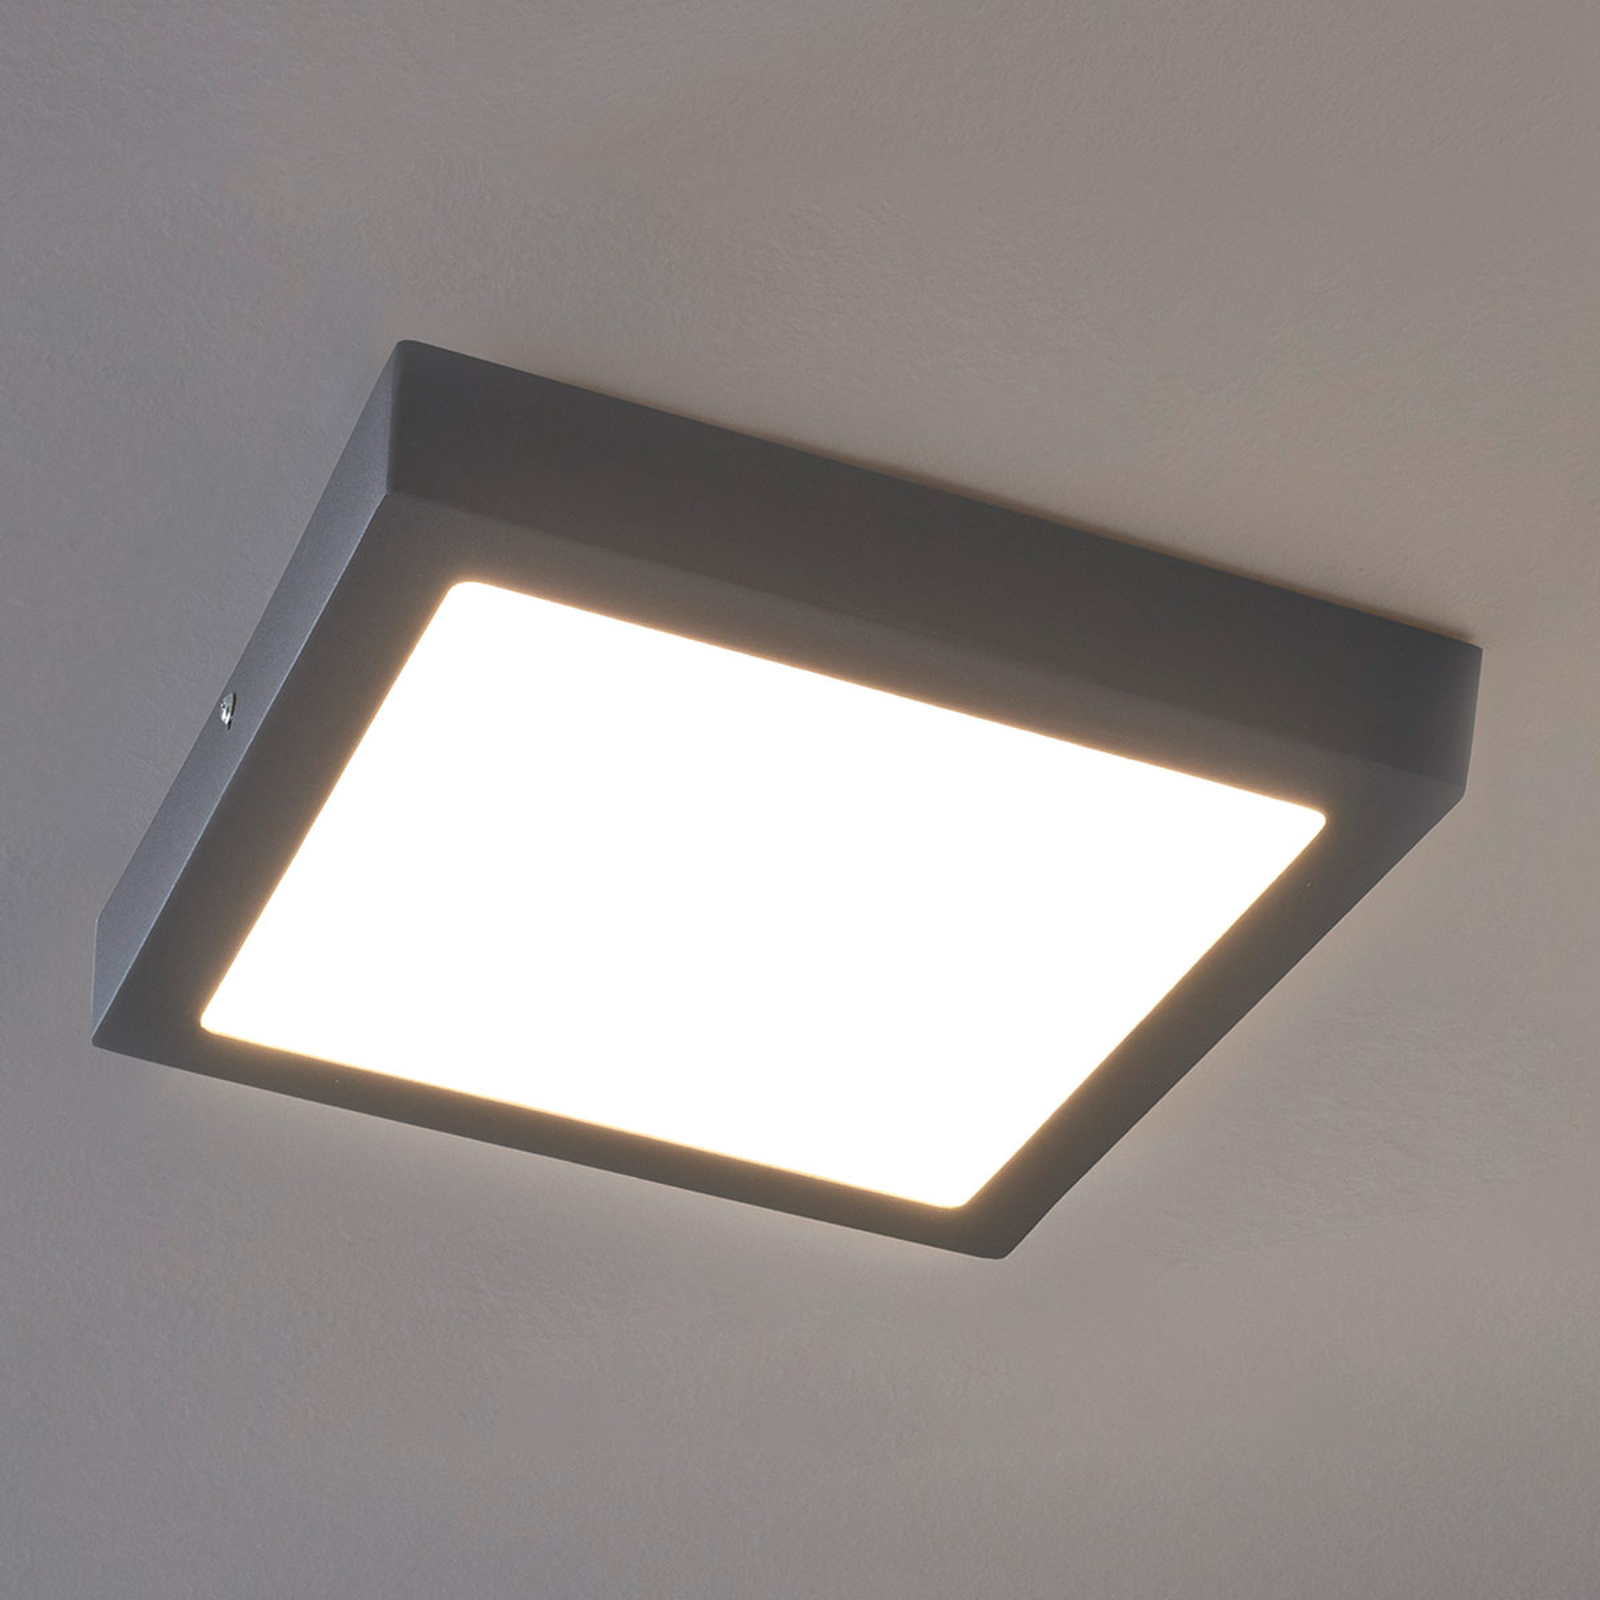 Argolis LED-loftlampe til udendørs brug